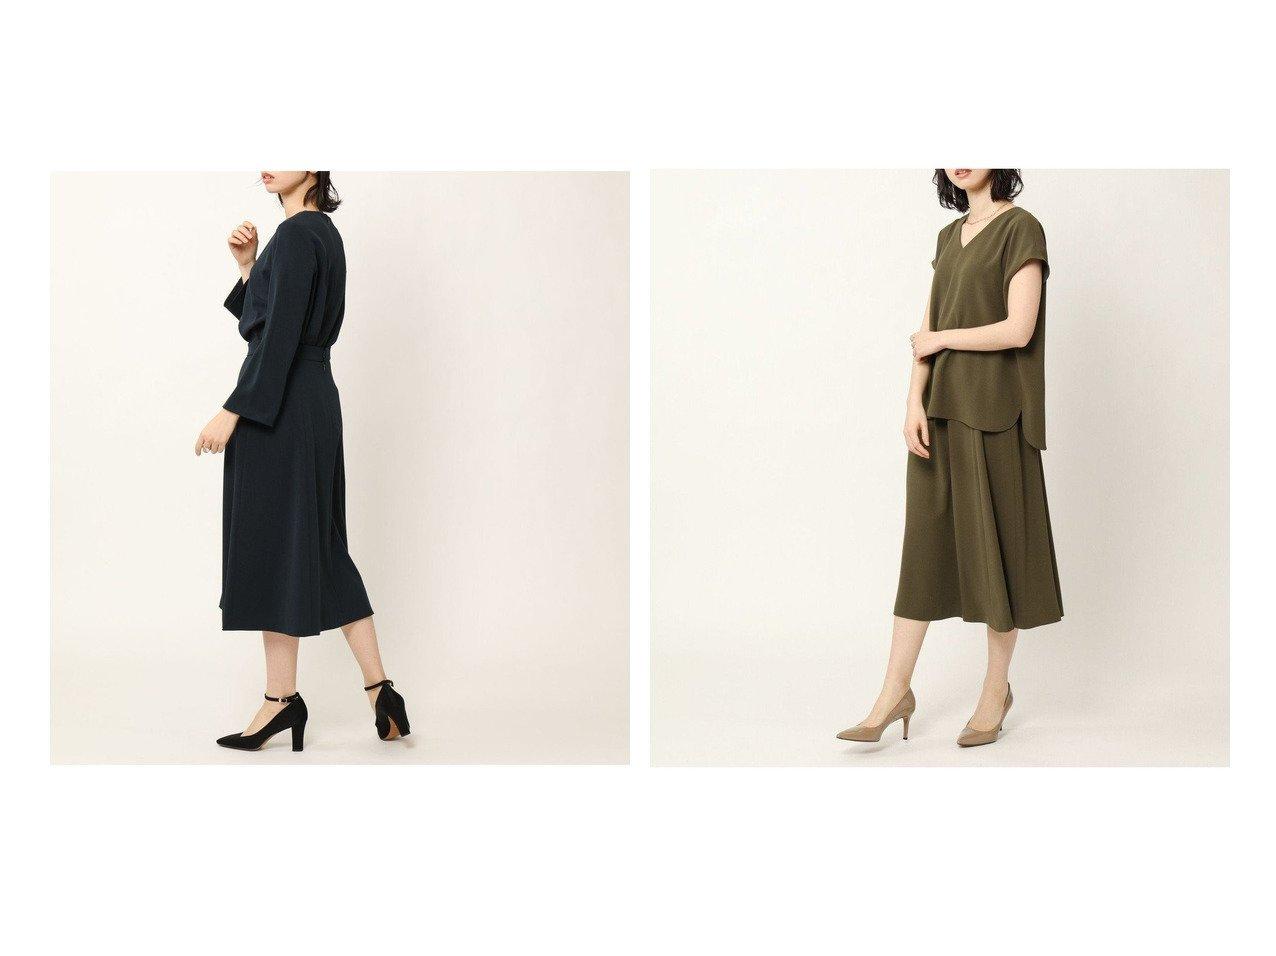 【KASHIYAMA EASY/カシヤマ イージー】のオックス 2wayストレッチ フレアスカート&オックス 2wayストレッチ フレアスカート 【スカート】おすすめ!人気、トレンド・レディースファッションの通販   おすすめで人気の流行・トレンド、ファッションの通販商品 インテリア・家具・メンズファッション・キッズファッション・レディースファッション・服の通販 founy(ファニー) https://founy.com/ ファッション Fashion レディースファッション WOMEN スカート Skirt Aライン/フレアスカート Flared A-Line Skirts オックス 春 Spring 吸水 軽量 シンプル ジャケット ストレッチ スーツ セットアップ フレア リラックス S/S・春夏 SS・Spring/Summer おすすめ Recommend 夏 Summer |ID:crp329100000057111